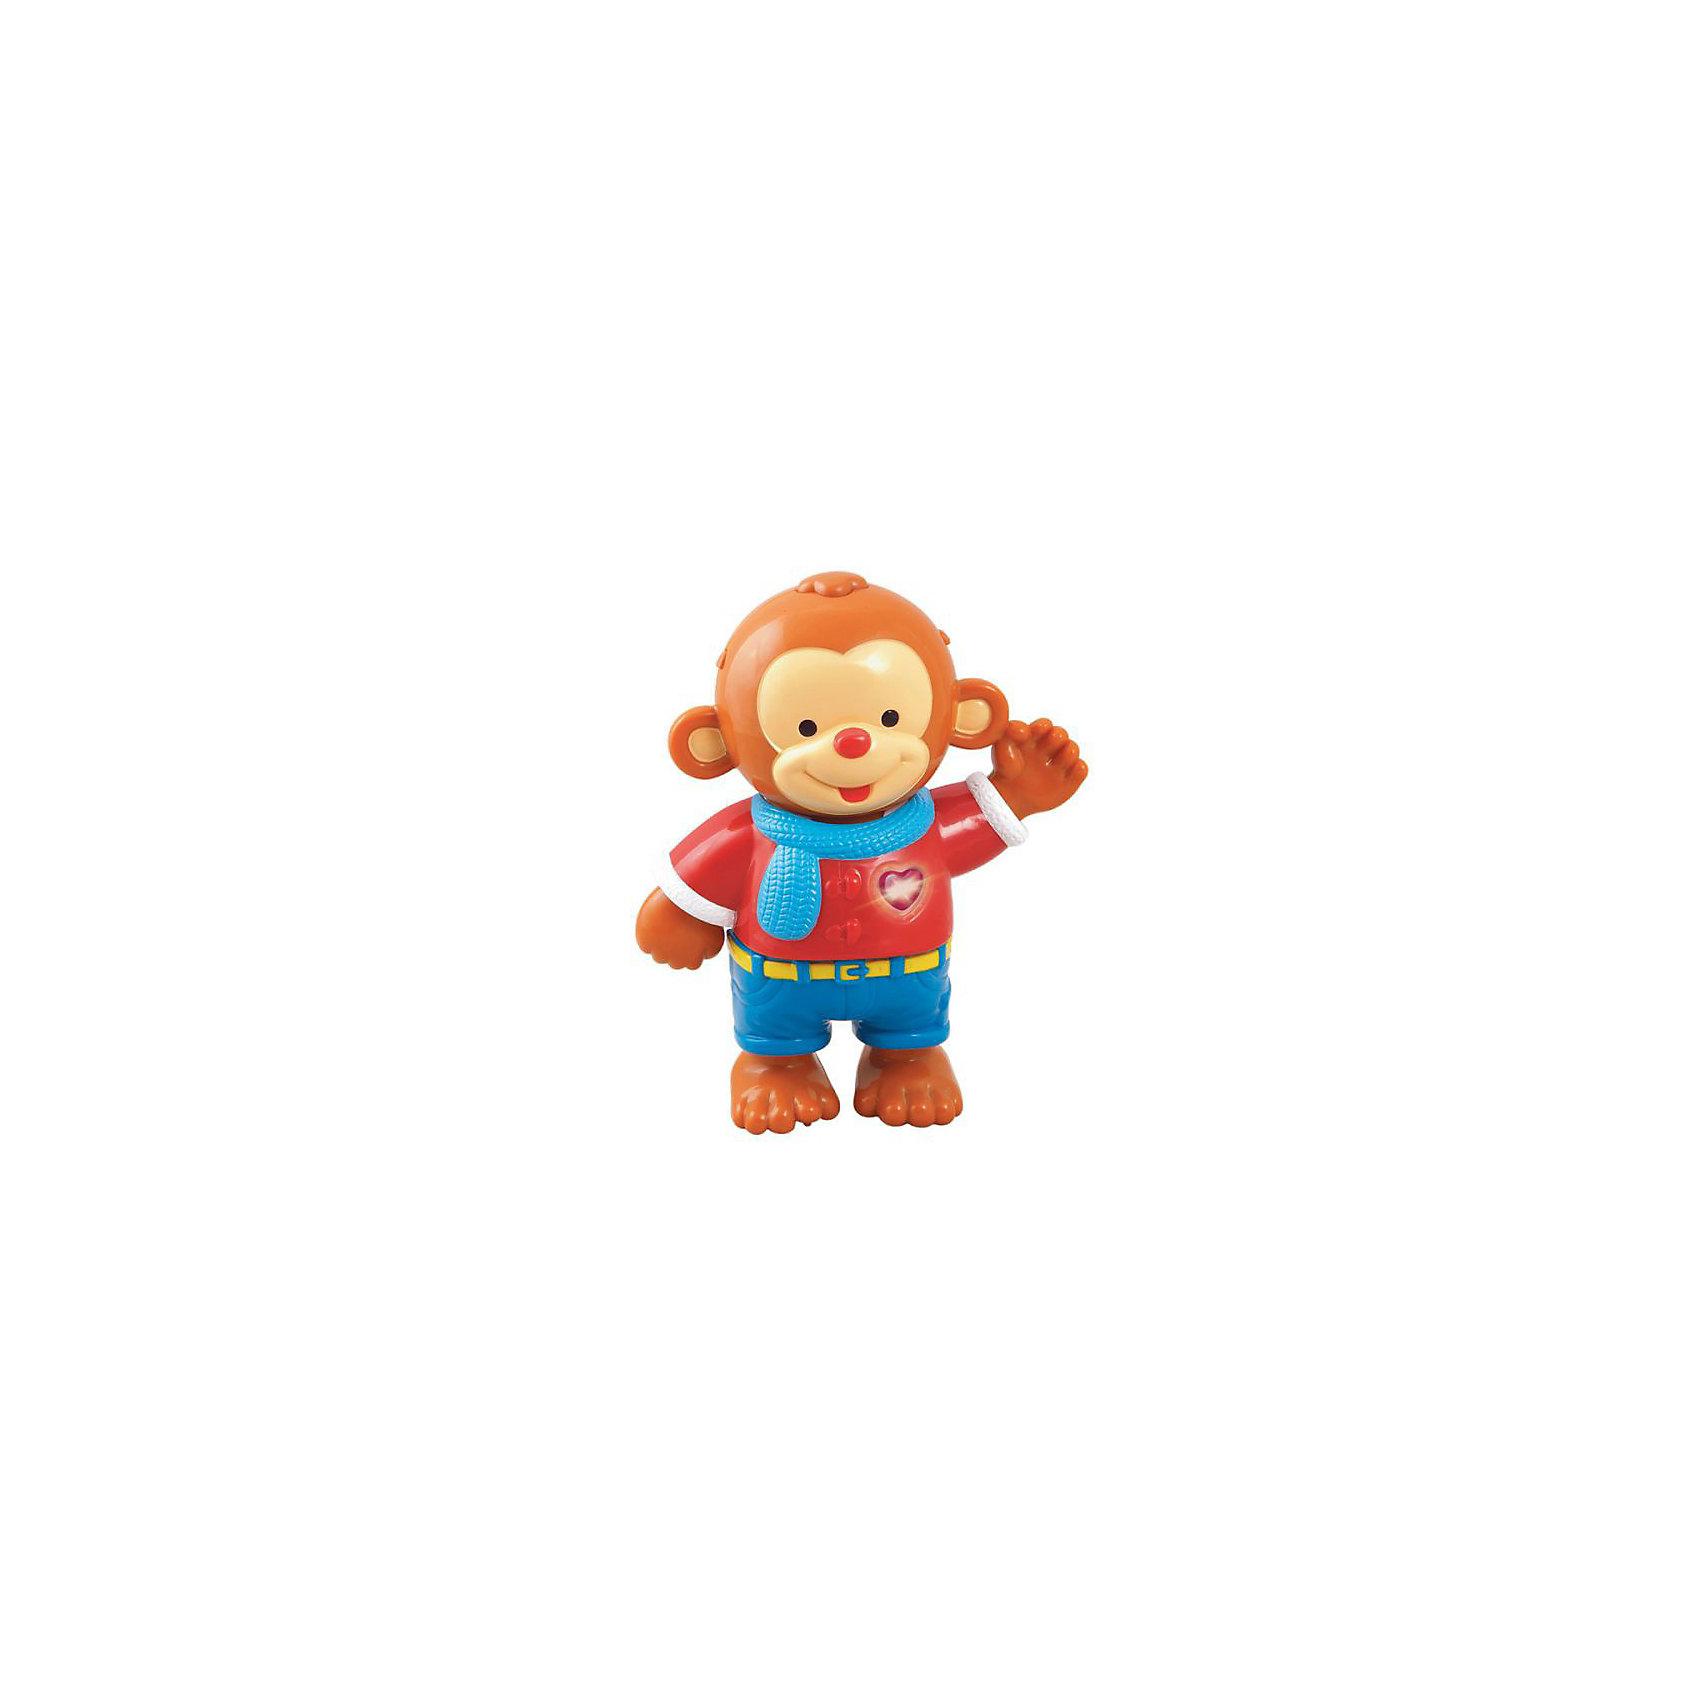 Развивающая игрушка Одень обезьянку, VtechРазвивающая игрушка Одень обезьянку, Vtech (Втеч).<br><br>Характеристики:<br><br>• Для детей от 1,5 лет до 3 лет<br>• Комплектация: интерактивная фигурка обезьянки, 8 различных элементов одежды, сумка для хранения одежды<br>• Материал: пластик<br>• Размер обезьянки: 16х19х6,5 см.<br>• Обучающие режимы: учимся различать цвета, учимся подбирать одежду в зависимости от типа погоды и самочувствия, узнаём, какие бывают предпочтения в одежде<br>• 13 мелодий и 1 песня<br>• Батарейки: 2 типа ААА (в комплекте демонстрационные)<br>• Упаковка: красочная подарочная коробка<br>• Размер упаковки: 32х27,5х9 см.<br><br>Развивающая игрушка Одень обезьянку от французской компании Vtech – великолепный игровой набор, который надолго увлечет малышей. В набор входит интерактивная фигурка обезьянки, а также 8 различных элементов одежды. <br><br>Задача малыша - придумать для обезьянки разные наряды. Когда ребенок будет одевать на обезьянку элементы одежды, она будет проговаривать их названия. Ну а множество веселых ободряющих звуков и мелодий сделают игру еще интереснее. В процессе игры ребенок выучит названия одежды, научится различать цвета и познакомится с навыками повседневной жизни. Режим «Экзамен» позволит закрепить полученные знания. <br><br>При нажатии на светящуюся кнопку-сердечко, расположенную на груди обезьянки, зазвучит веселая песня «Улыбка» из мультфильма «Крошка Енот». Игрушка озвучена профессиональным голосом. Предусмотрен таймер автоматического отключения. Игрушка изготовлена из прочного безопасного не бьющегося пластика. Продается в красочной коробке и идеально подходит в качестве подарка.<br><br>Развивающую игрушку Одень обезьянку, Vtech (Втеч) можно купить в нашем интернет-магазине.<br><br>Ширина мм: 330<br>Глубина мм: 100<br>Высота мм: 280<br>Вес г: 900<br>Возраст от месяцев: 18<br>Возраст до месяцев: 36<br>Пол: Унисекс<br>Возраст: Детский<br>SKU: 3341124